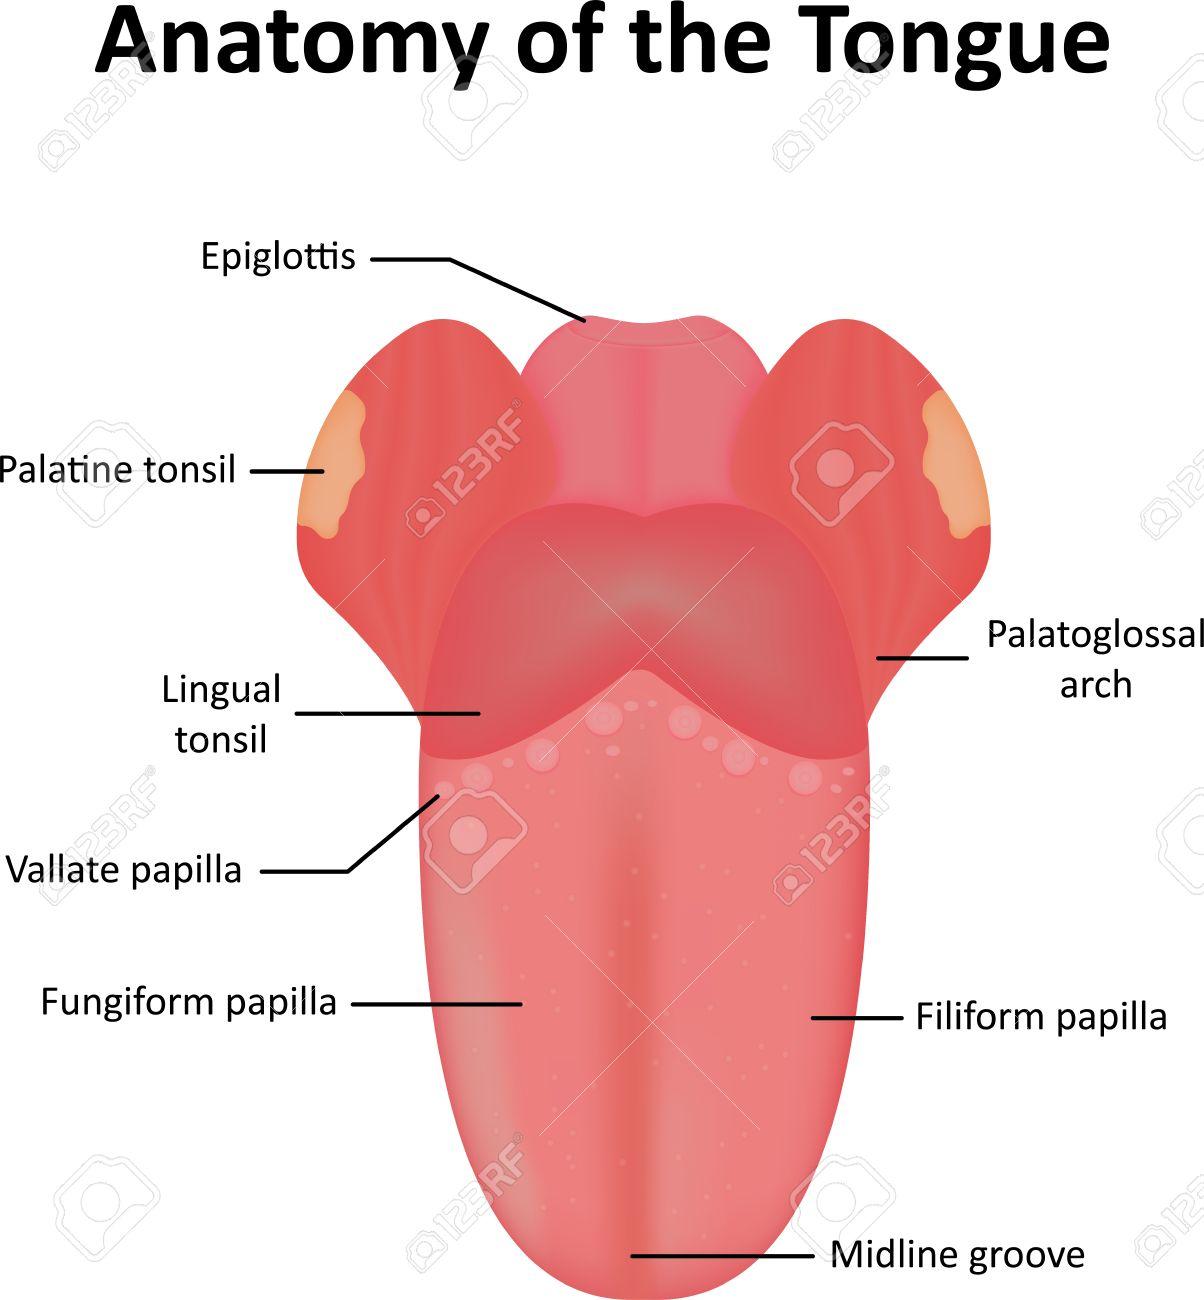 Anatomía De La Lengua Y Características Asociadas Fotos, Retratos ...